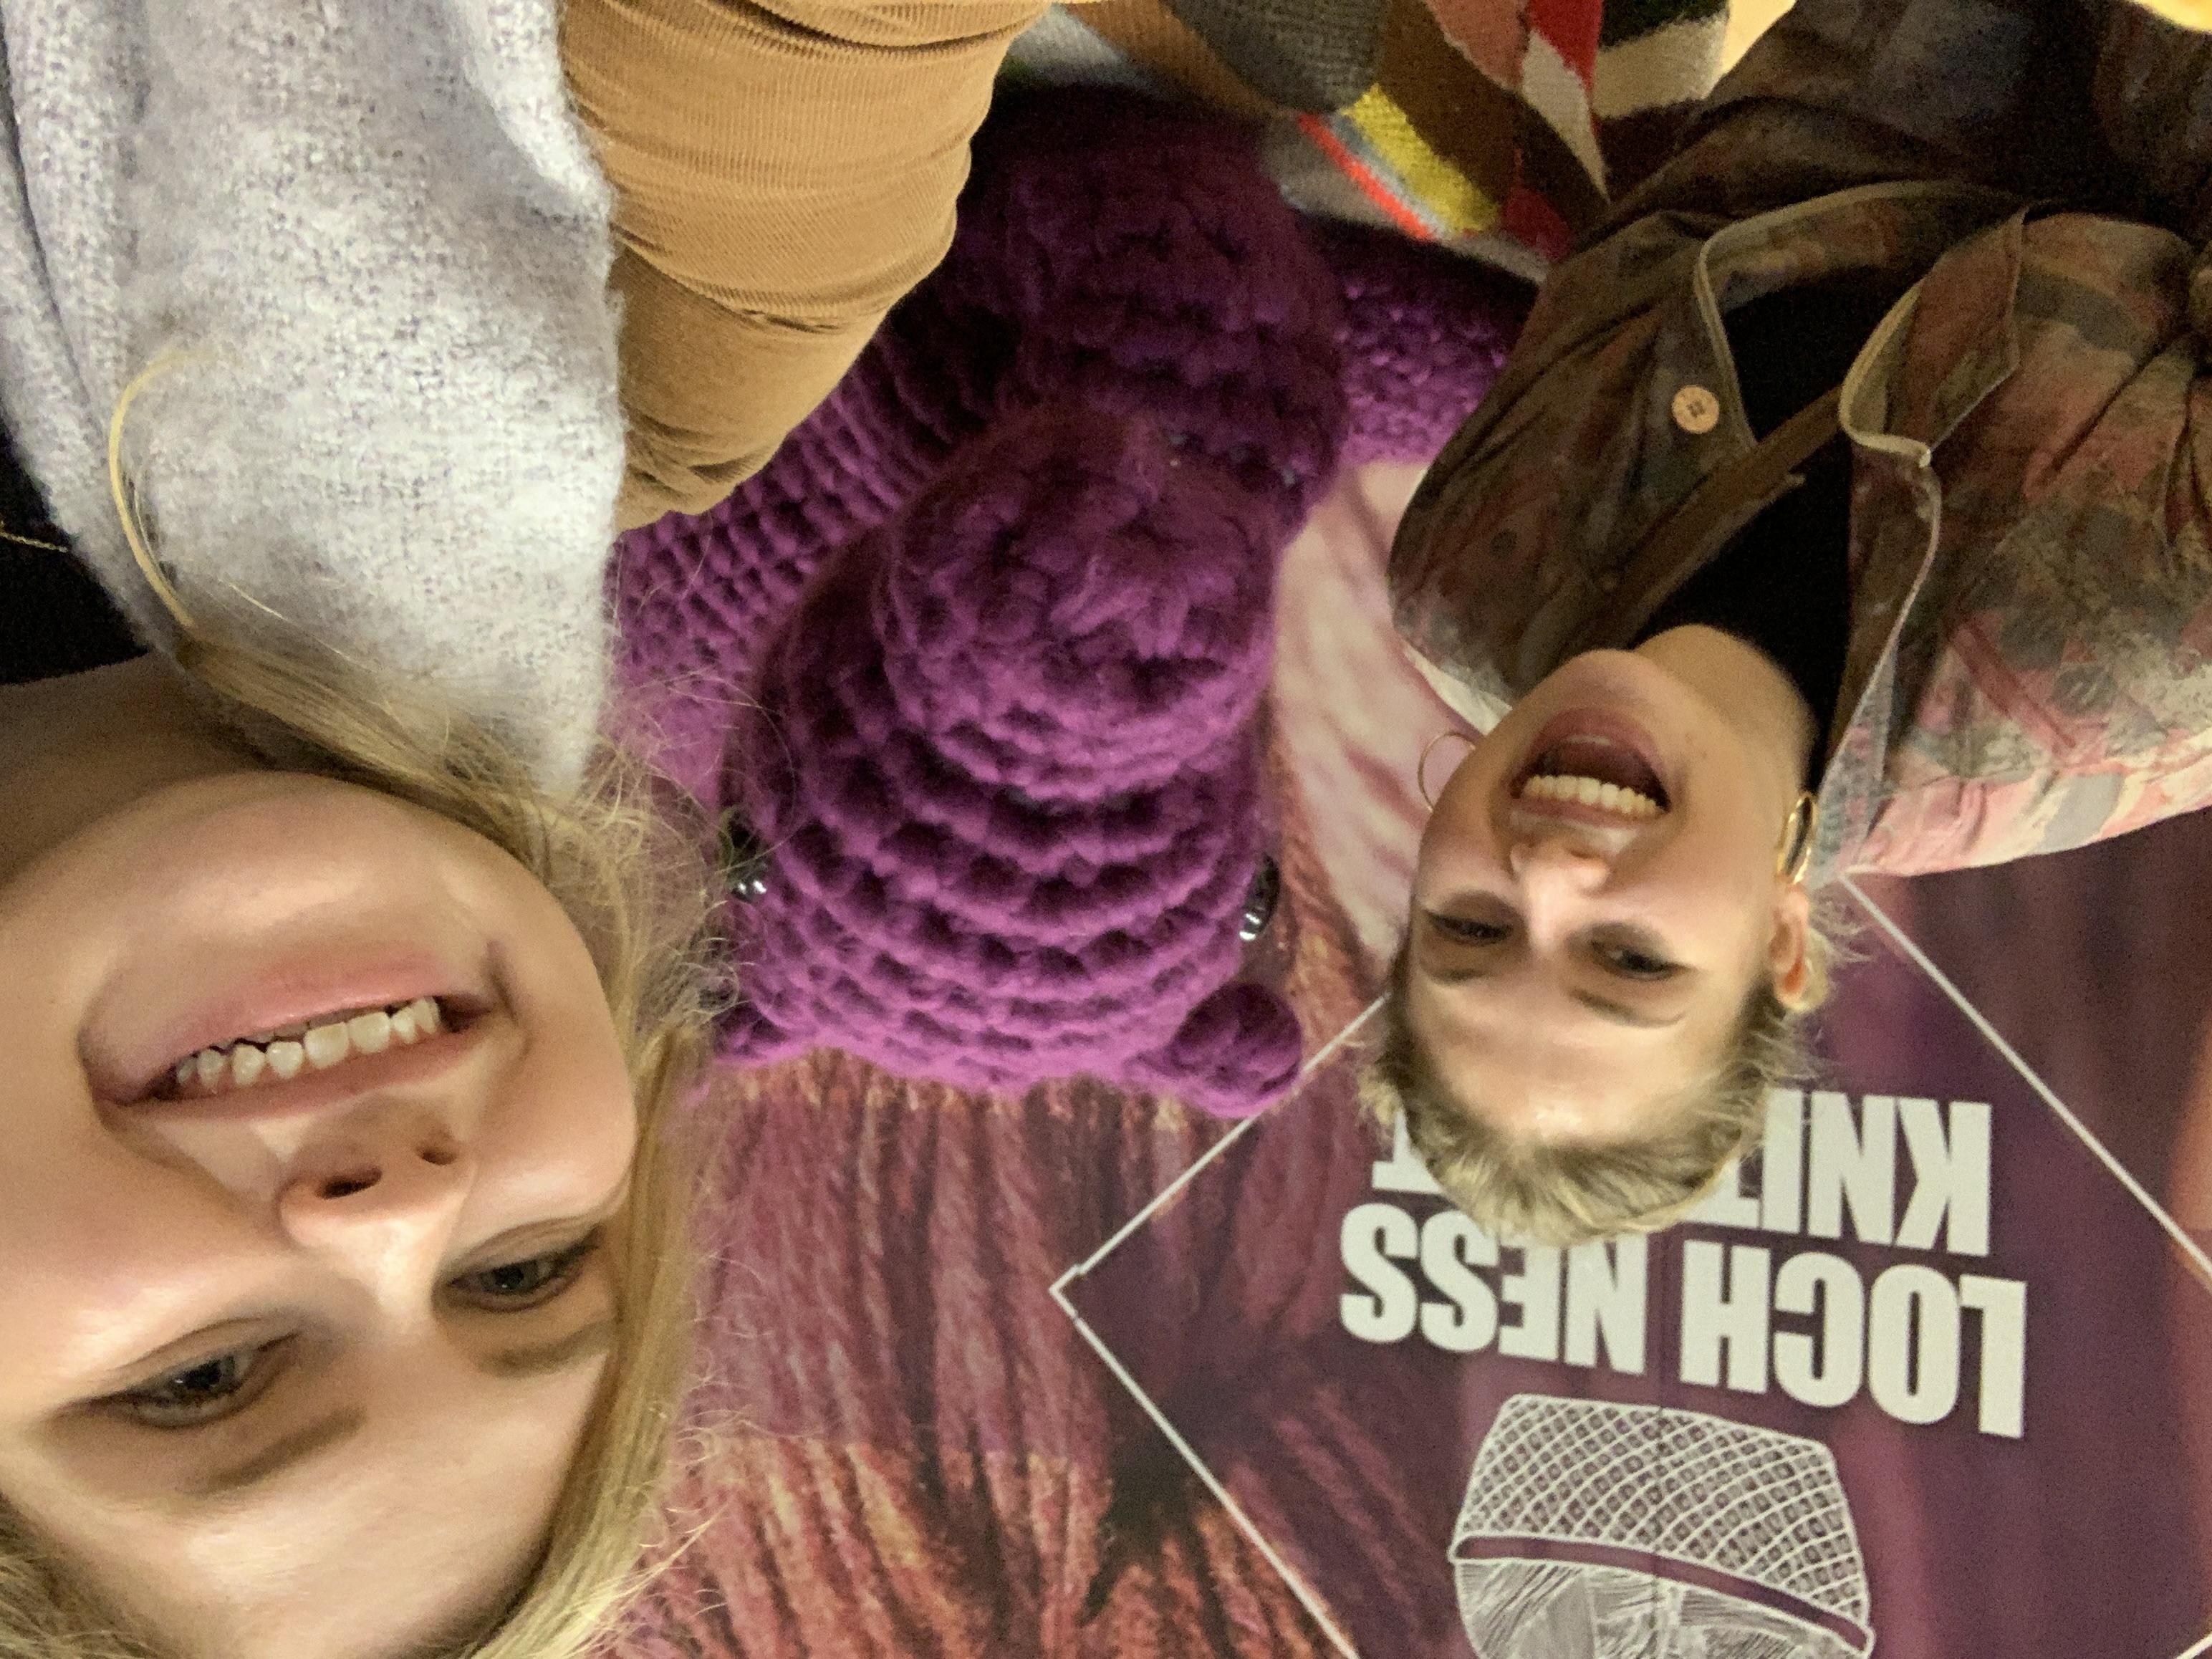 Jenna & Kayla at Knit-fest